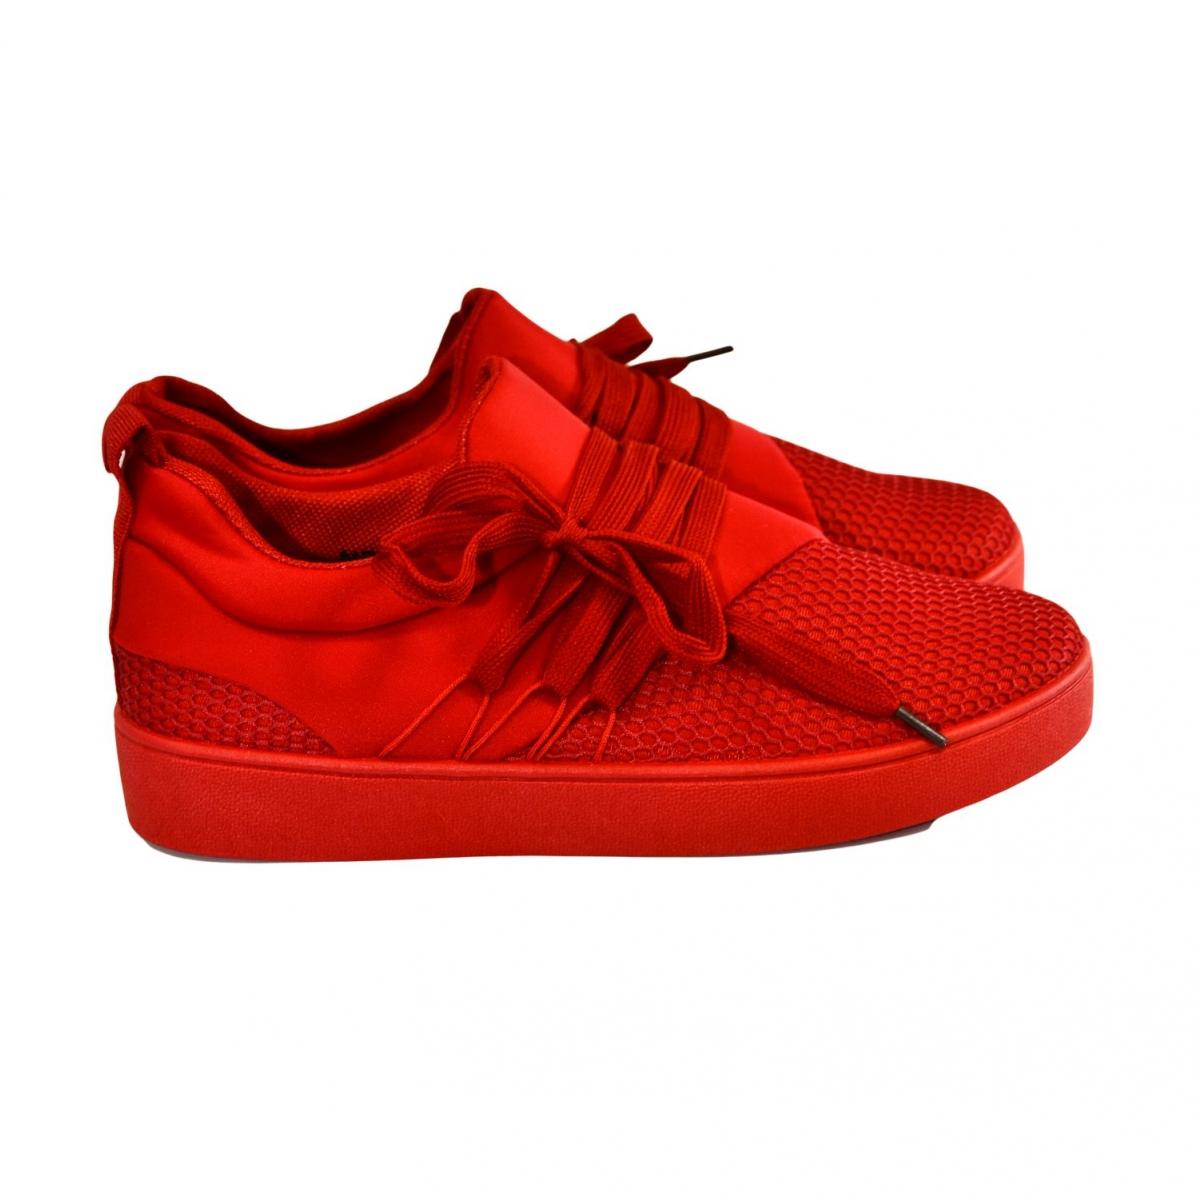 Dámske červené tenisky NABIN - 2 98822b1c6c